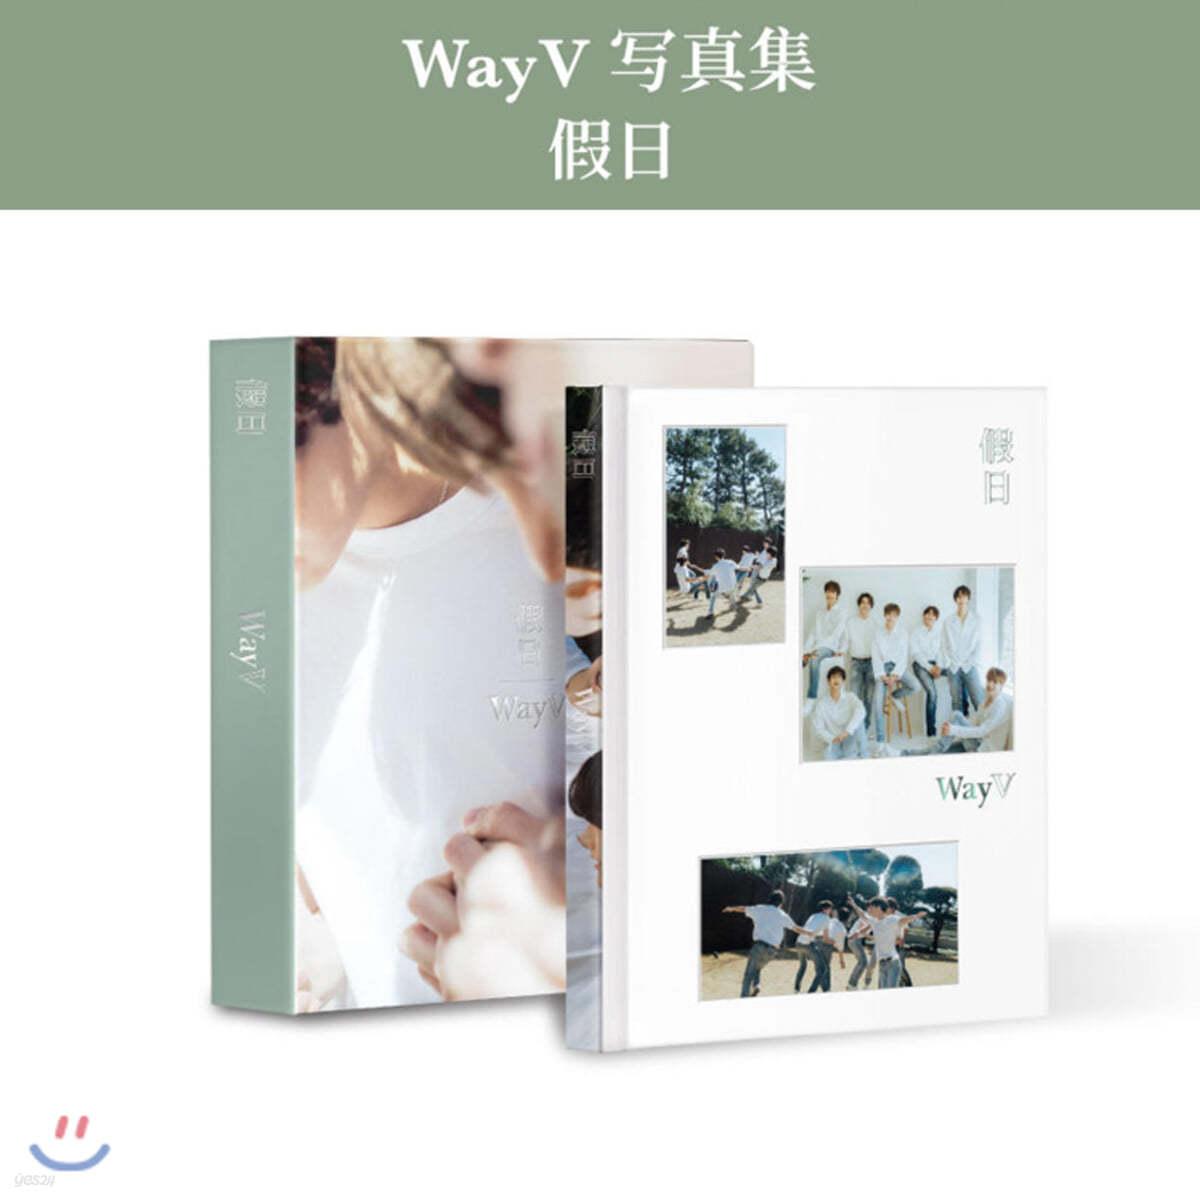 [중국판] WayV 웨이션V 사진집 : 휴일 (멤버 옵션 랜덤)